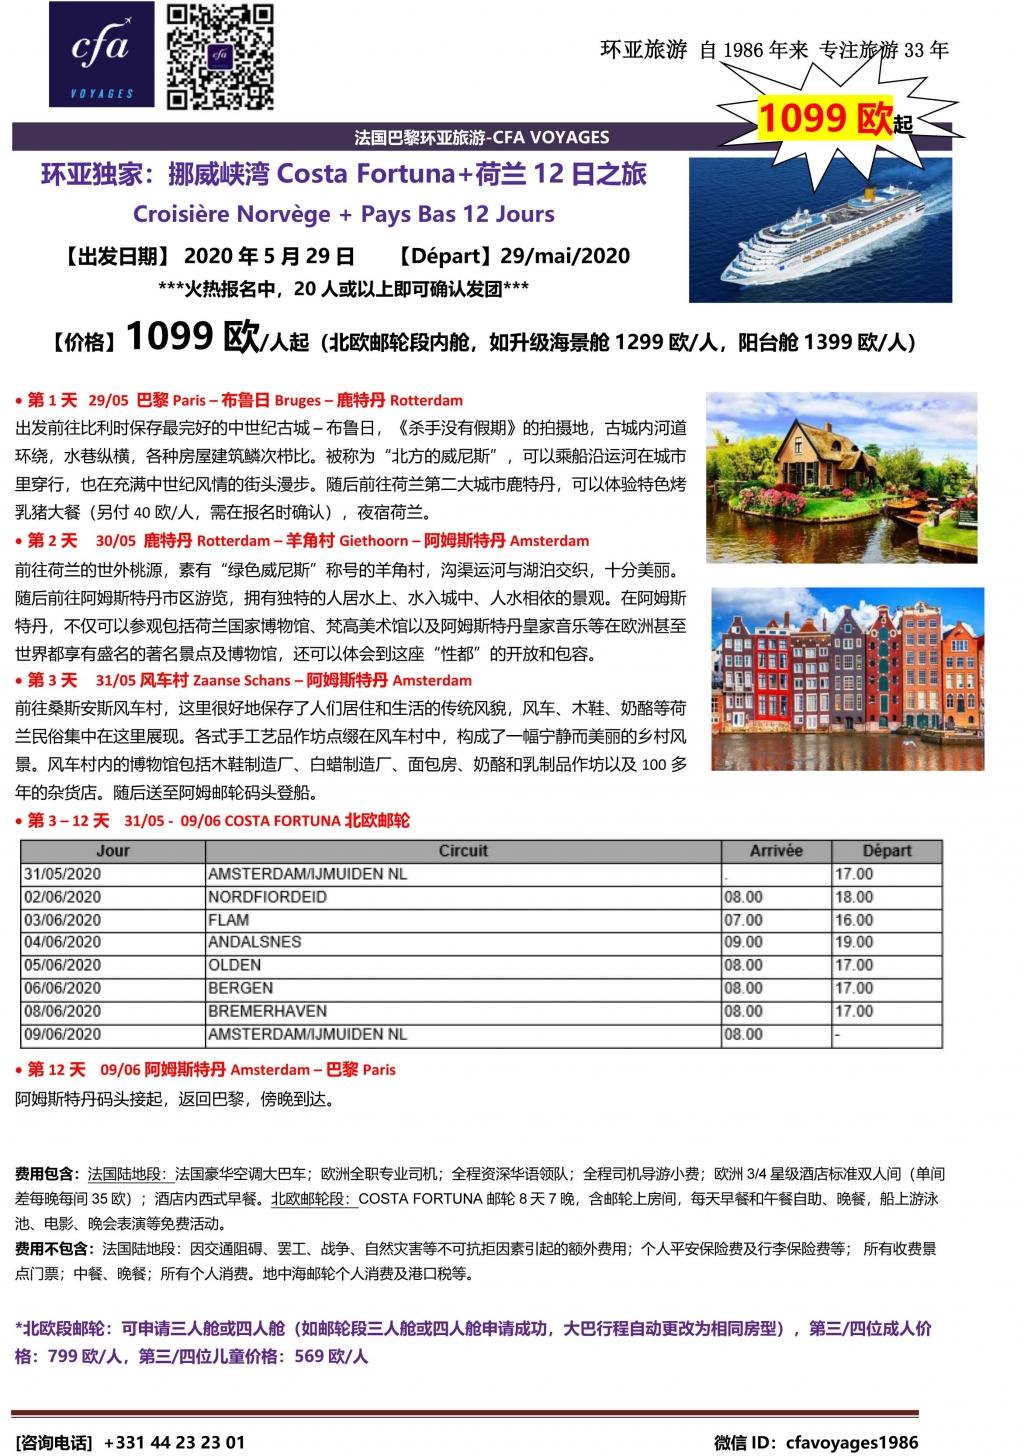 20200529 北欧邮轮Costa Fortuna挪威峡湾+荷兰12日之旅.jpg